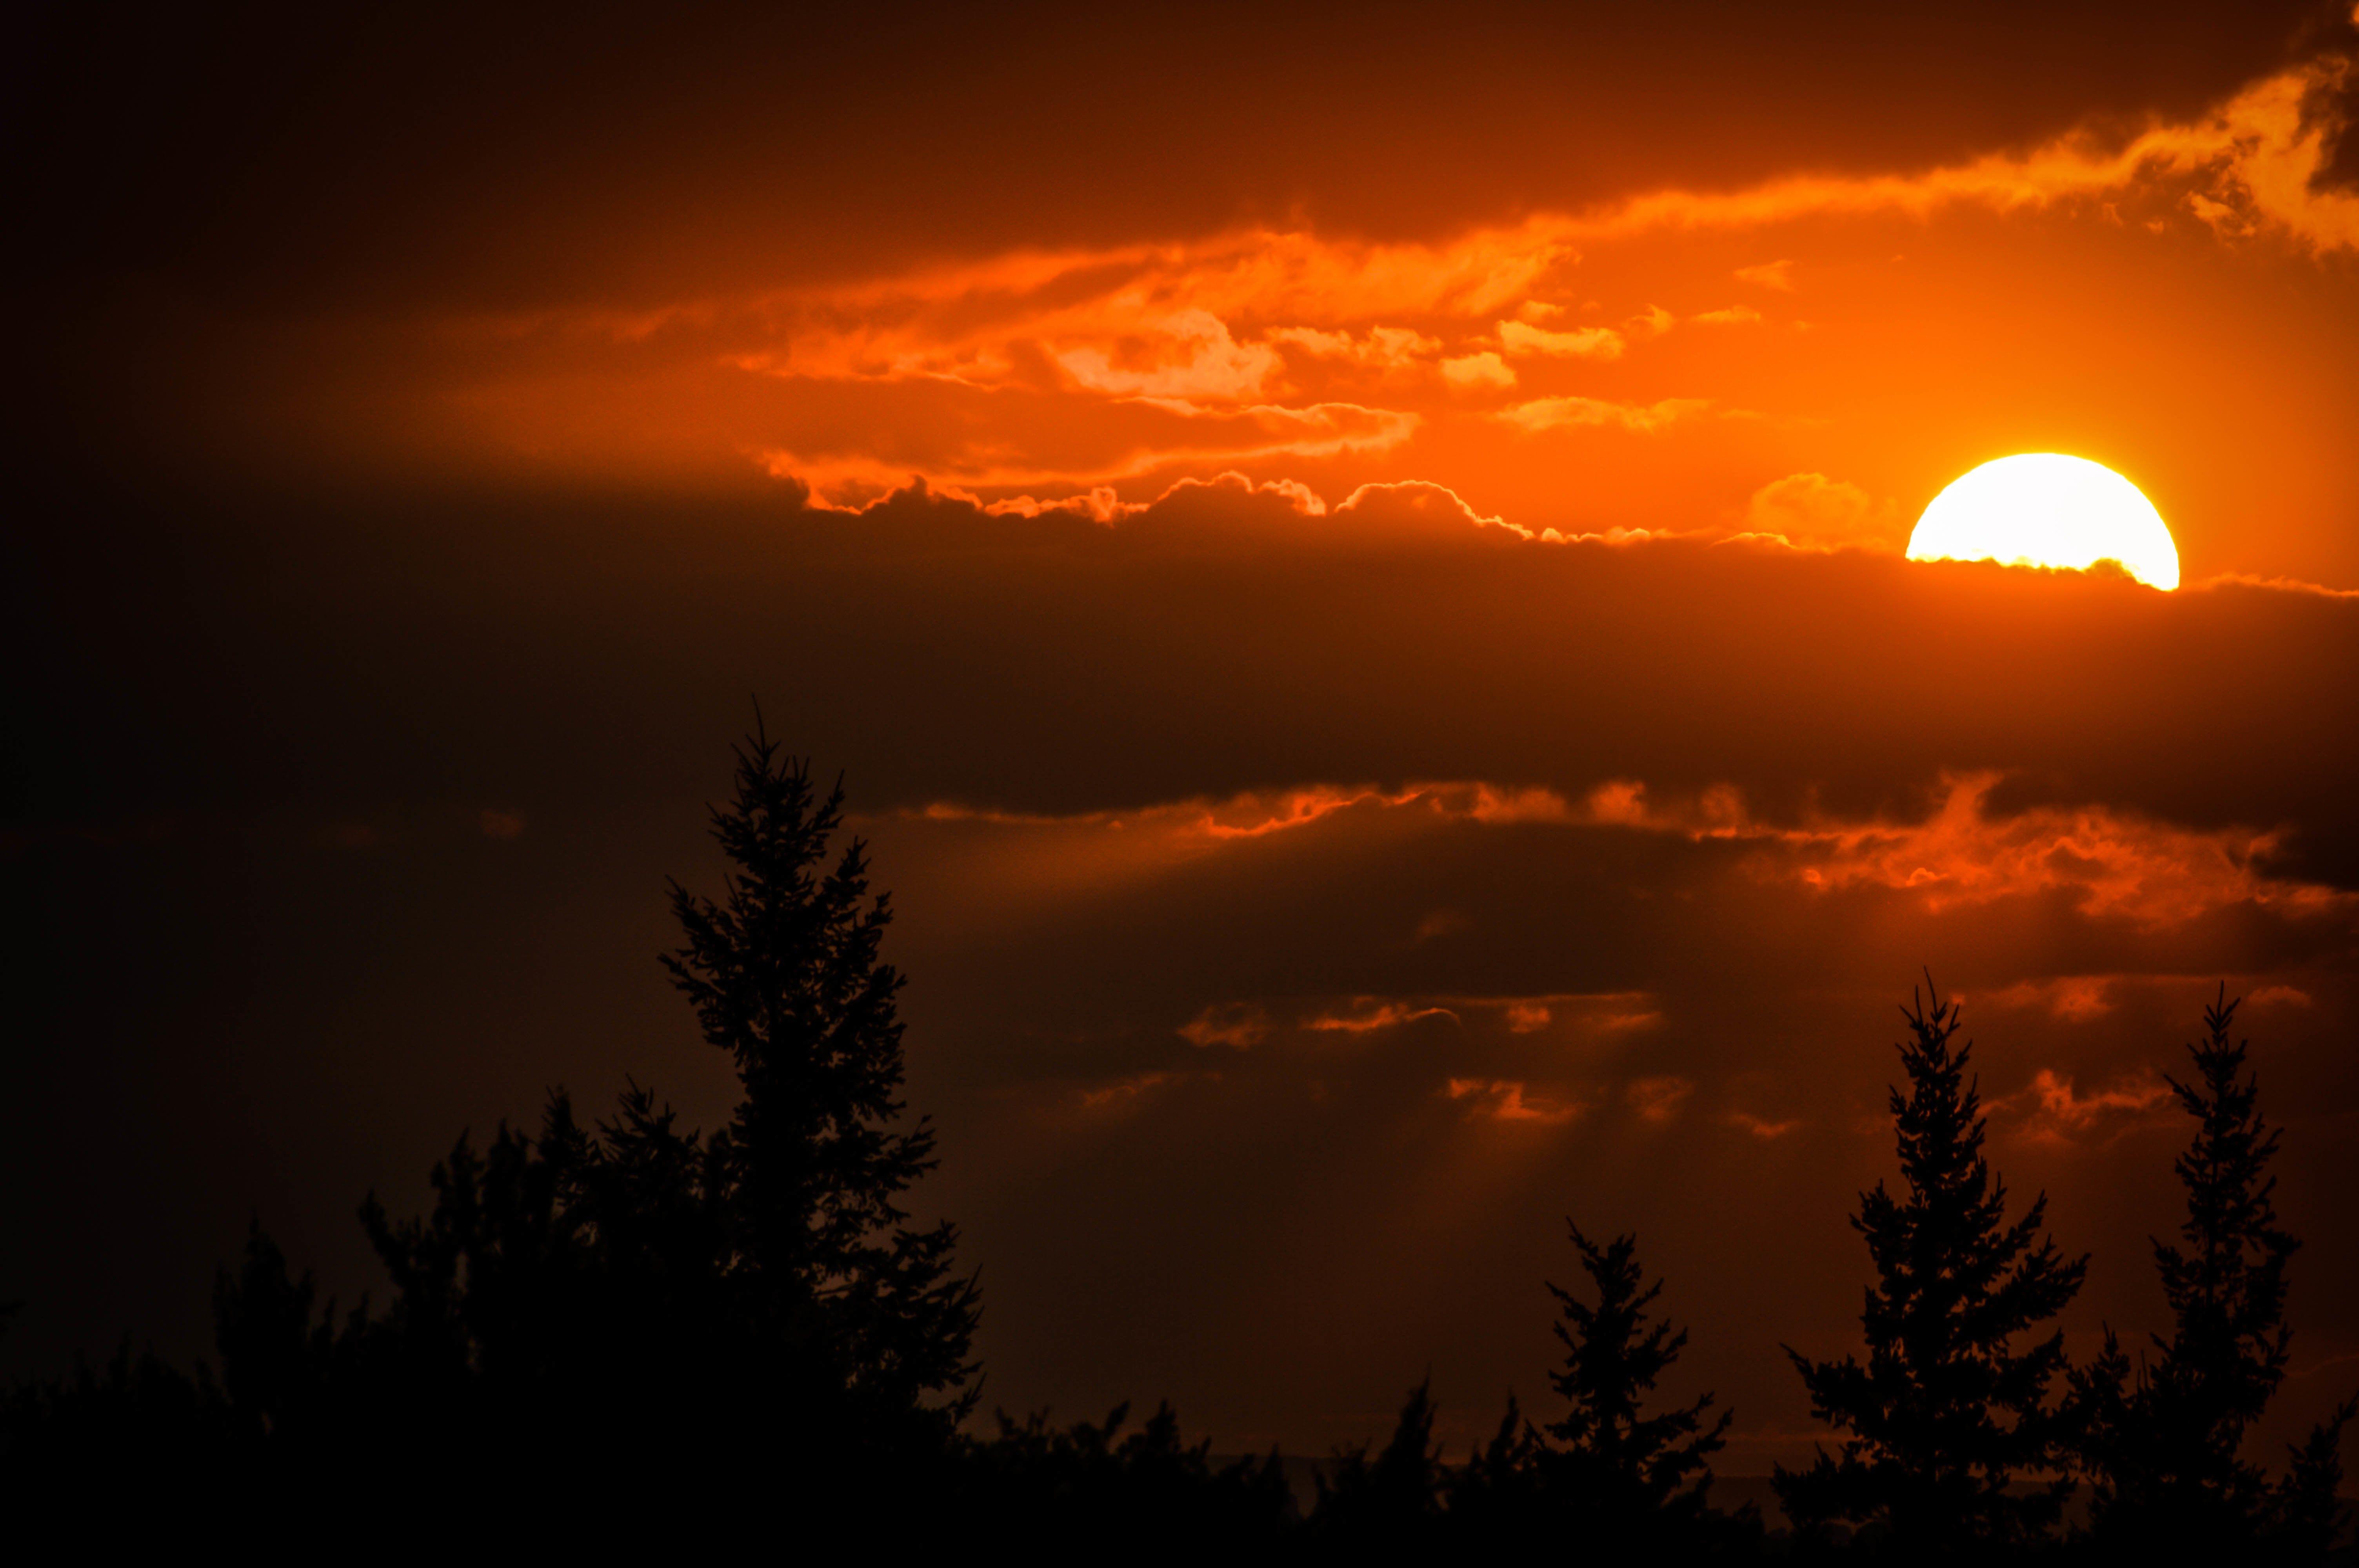 High Resolution Wallpapers Widescreen Sunset Sunset High Resolution Wallpapers High Resolution